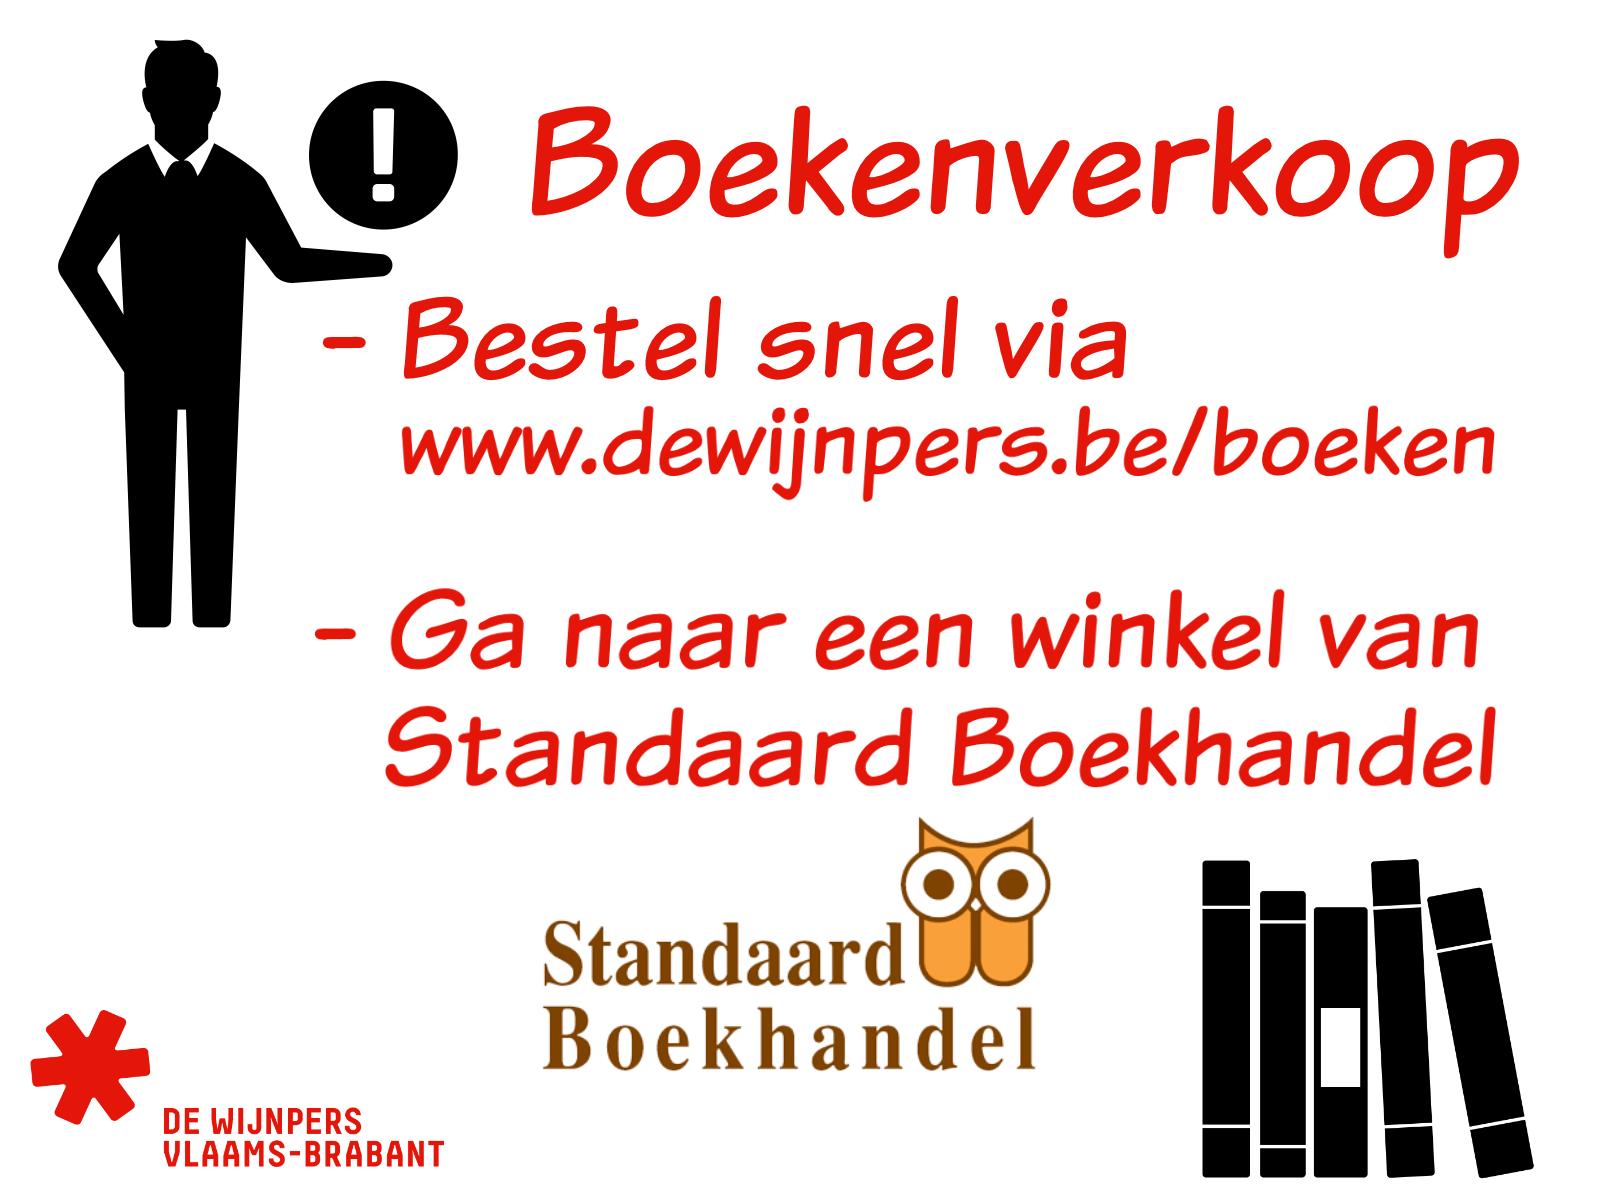 20160827_oproep boekenverkoop.png